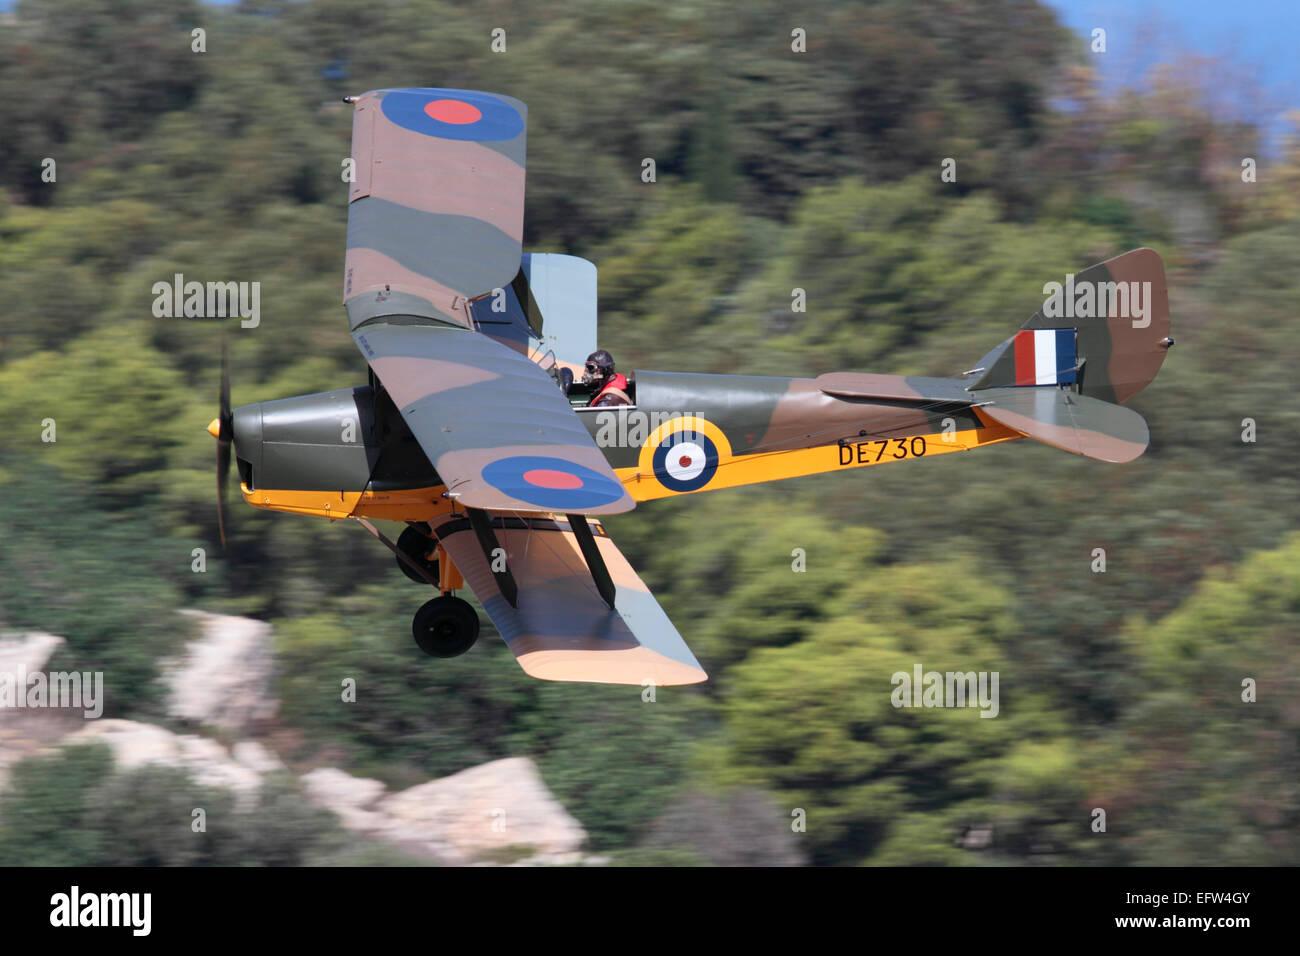 De Havilland Tiger Moth vintage velivolo biplano con i colori di un Royal Air Force Guerra Mondiale 2 piano di formazione Immagini Stock